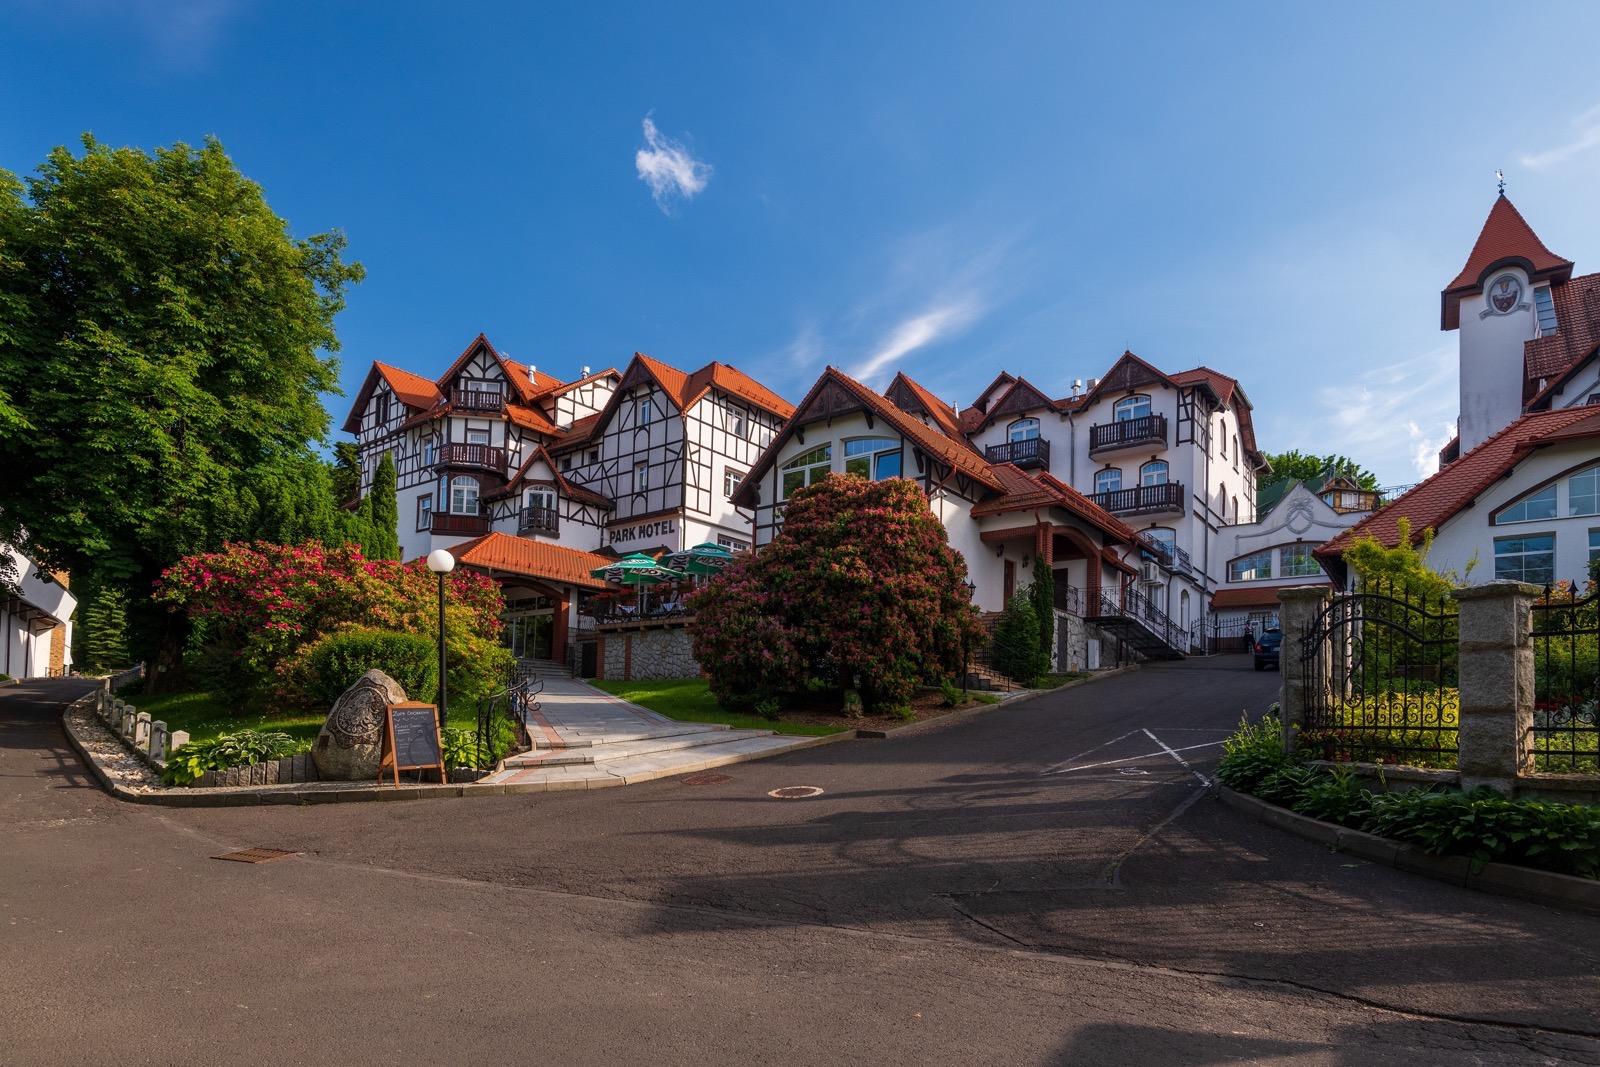 Zur Kur im ****Park-Hotel in Bad Flinsberg